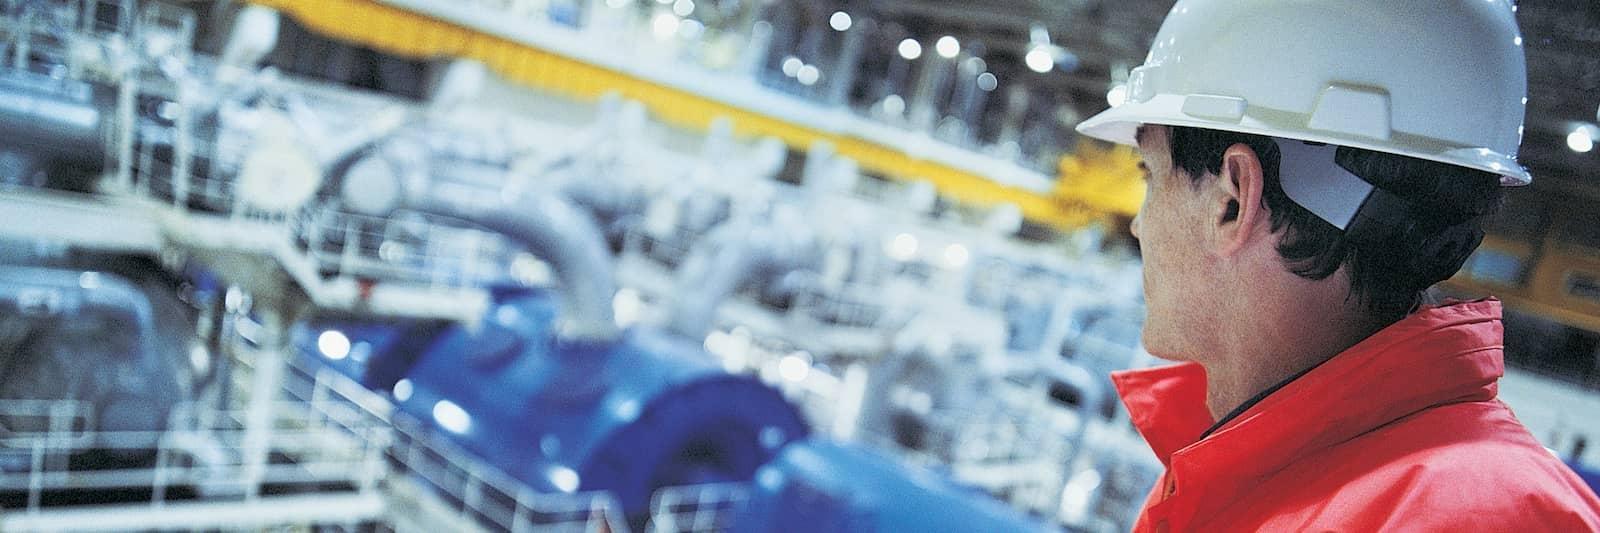 курсы промышленной безопасности